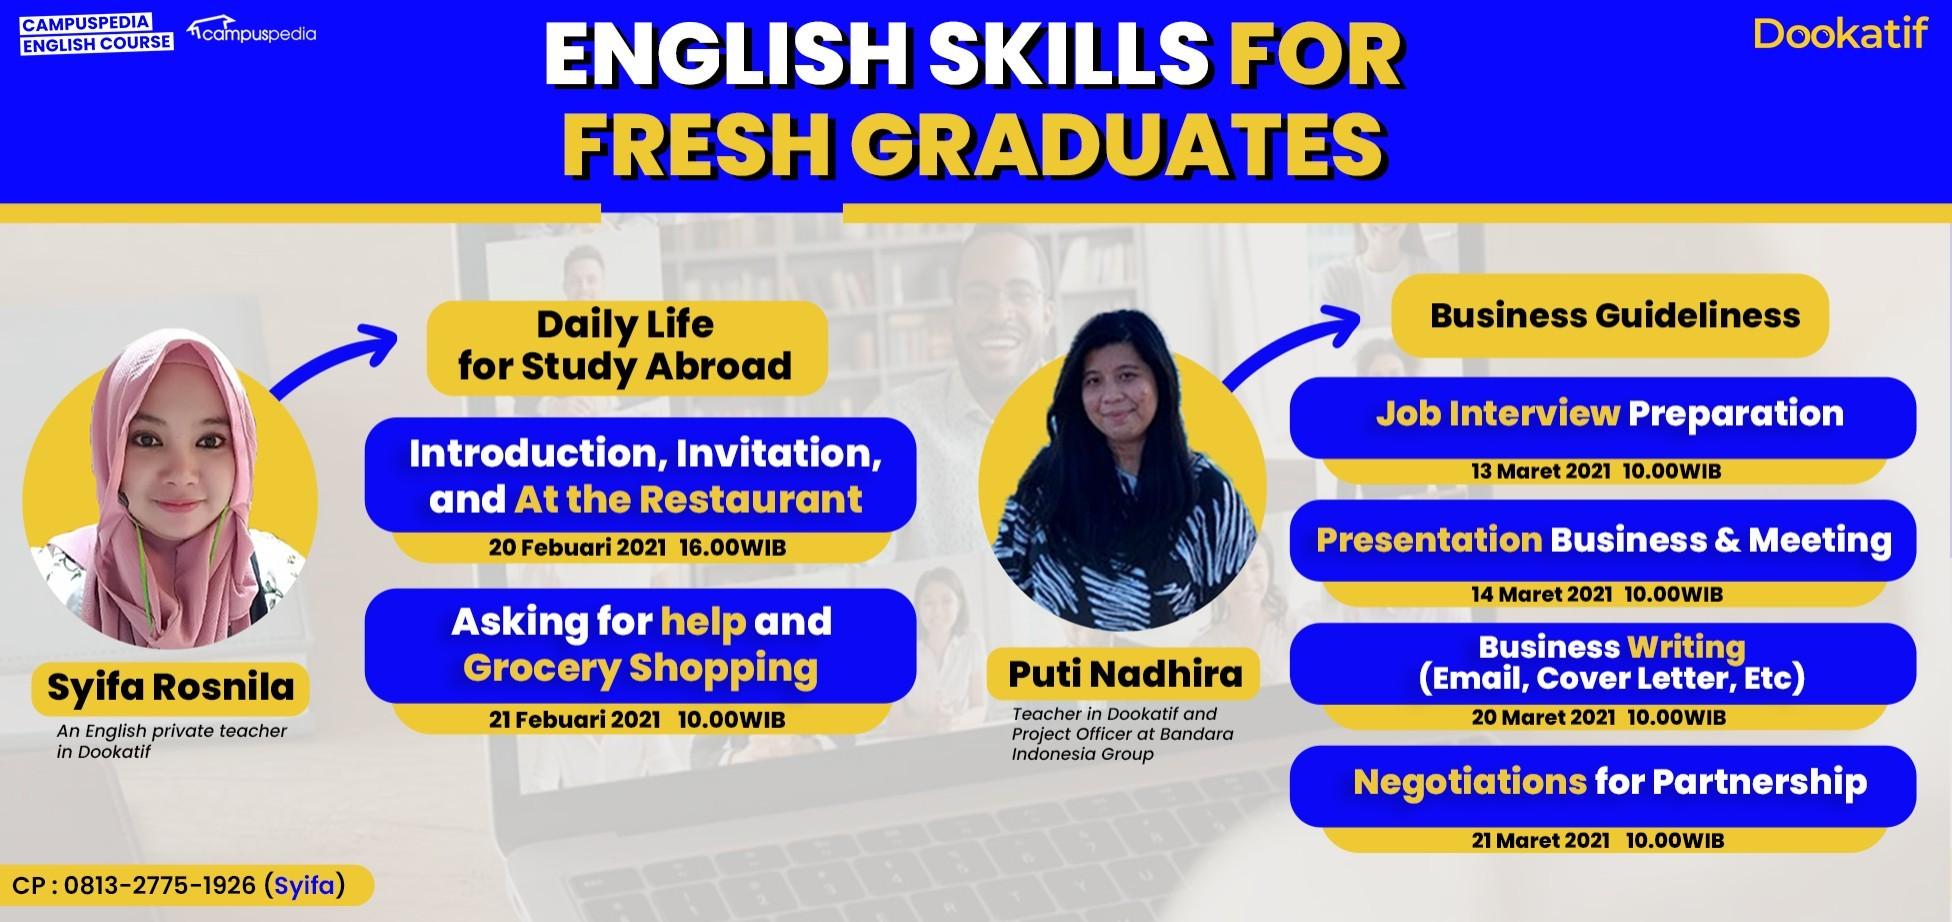 English Skills For Fresh Graduates